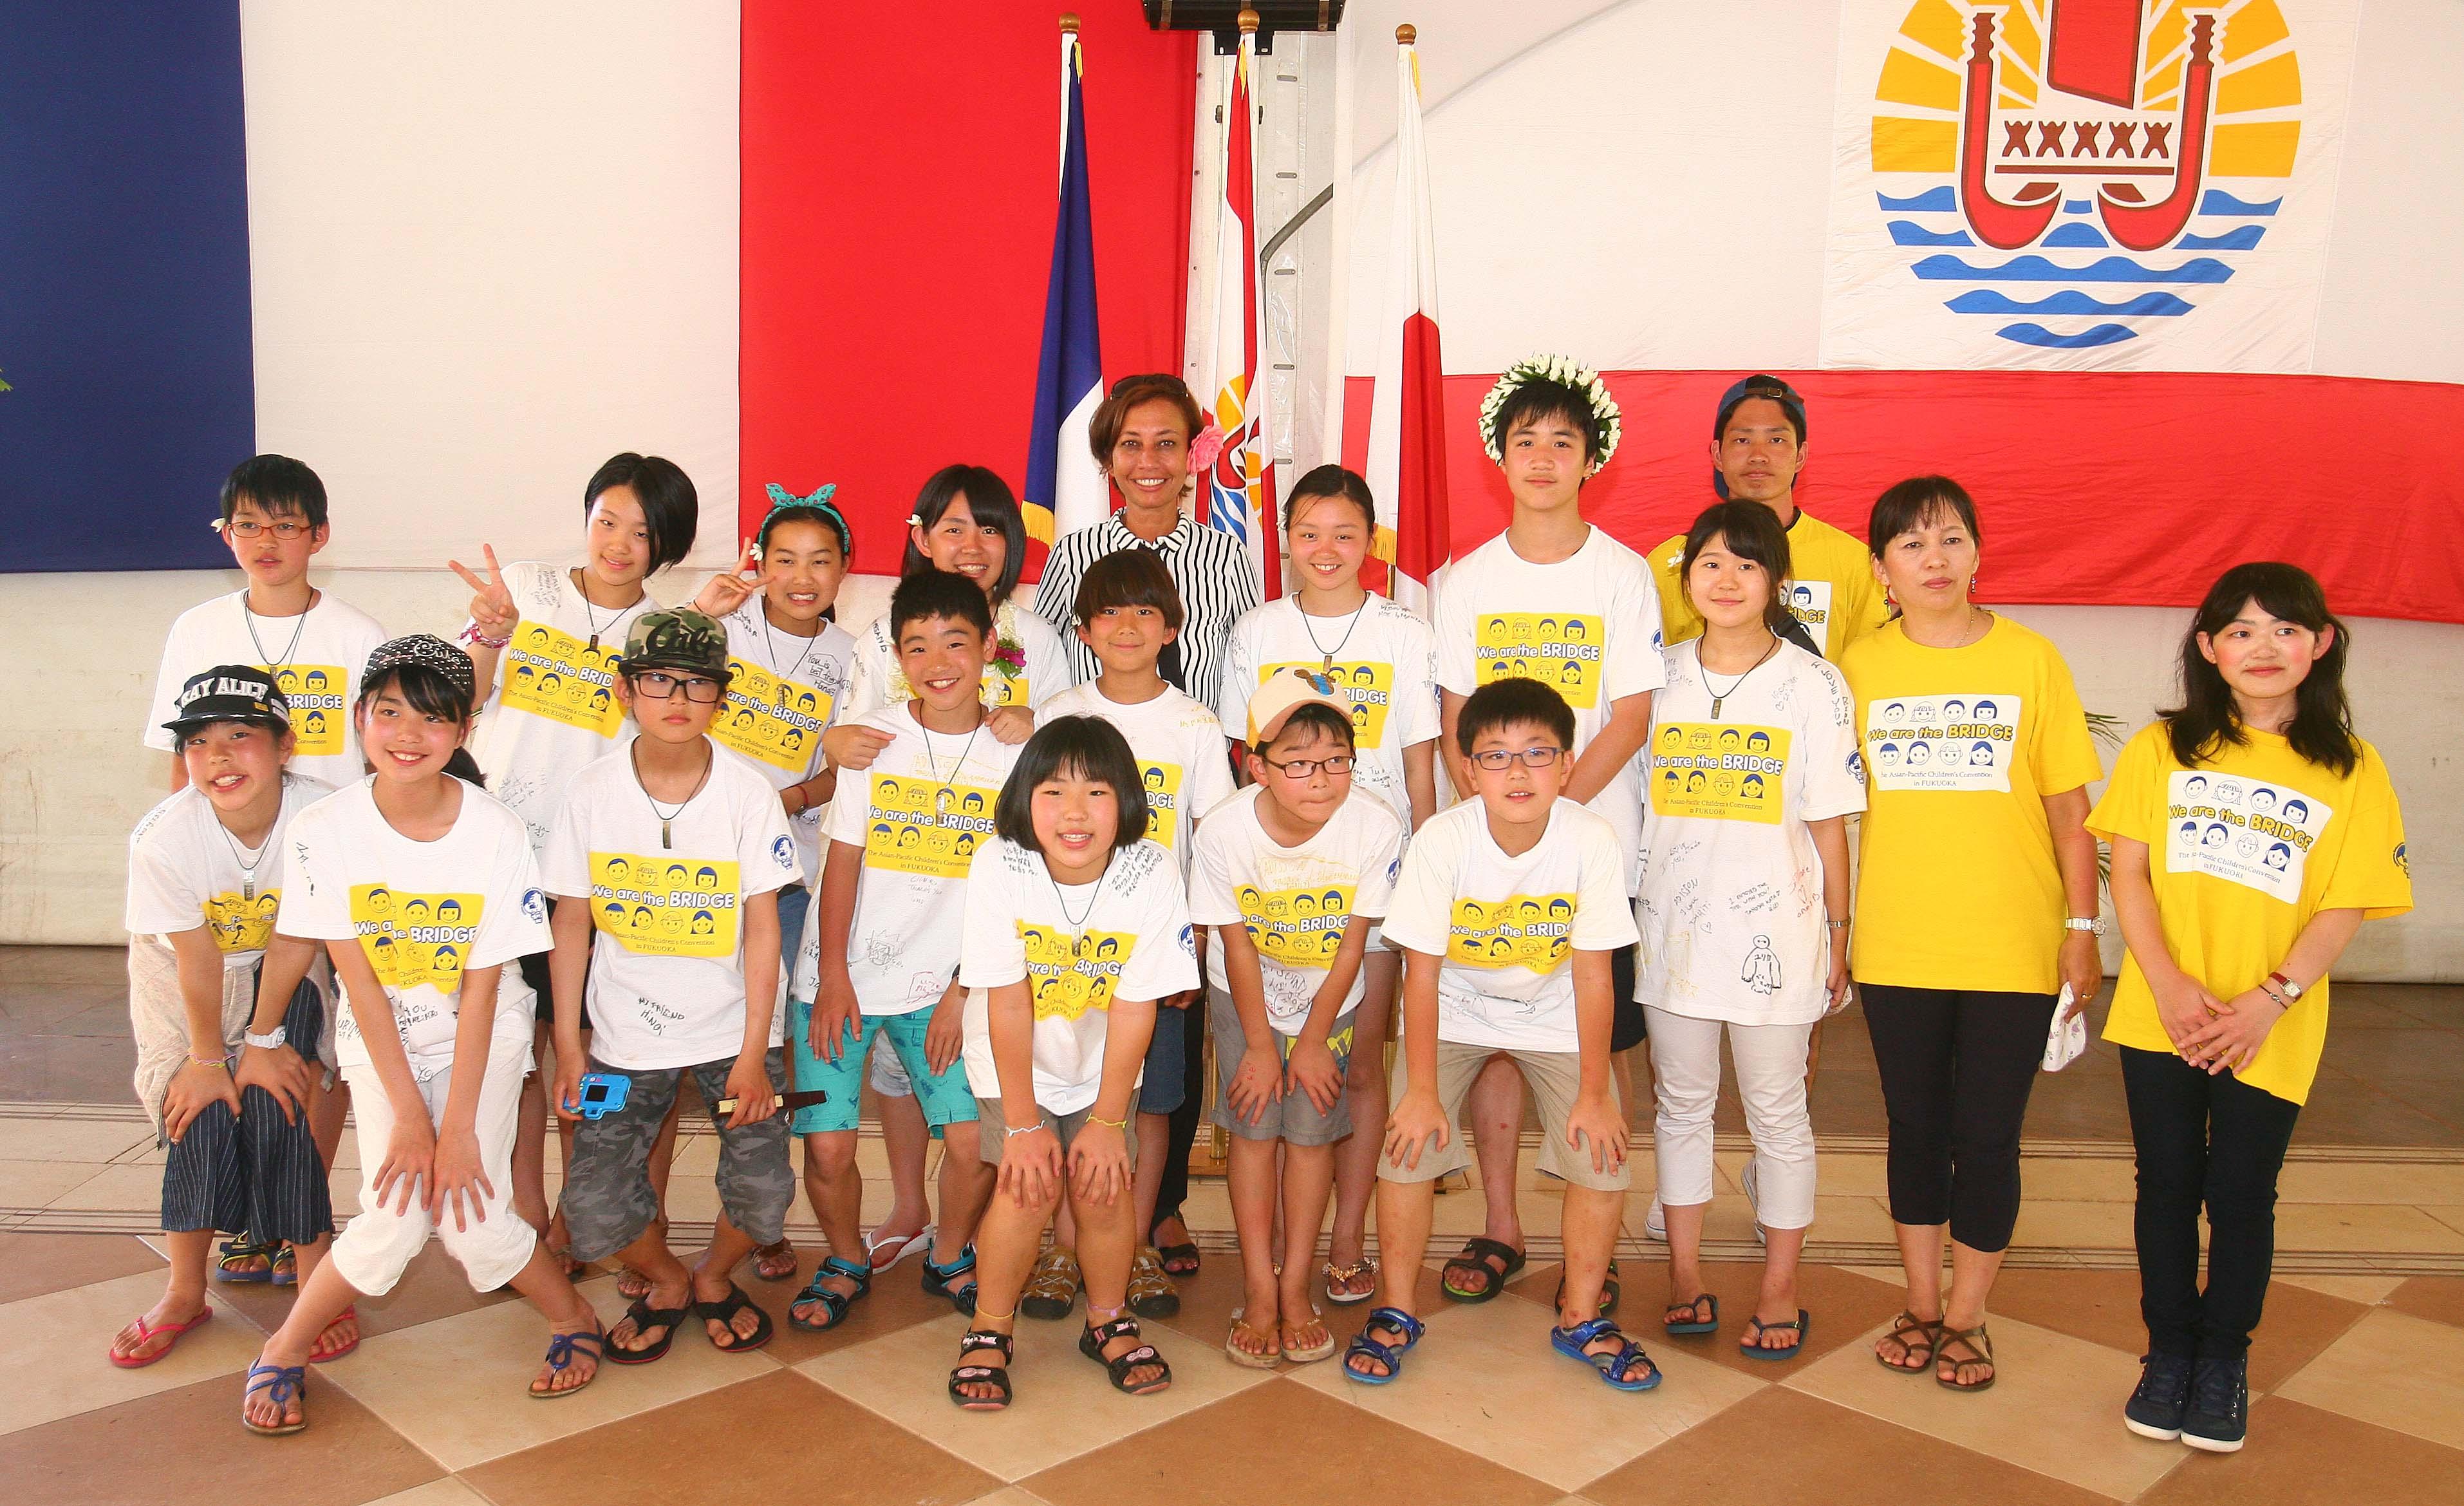 Nicole Sanquer-Fareata reçoit une délégation japonaise dans le cadre du partenariat avec l'Asian Pacific Children's Convention